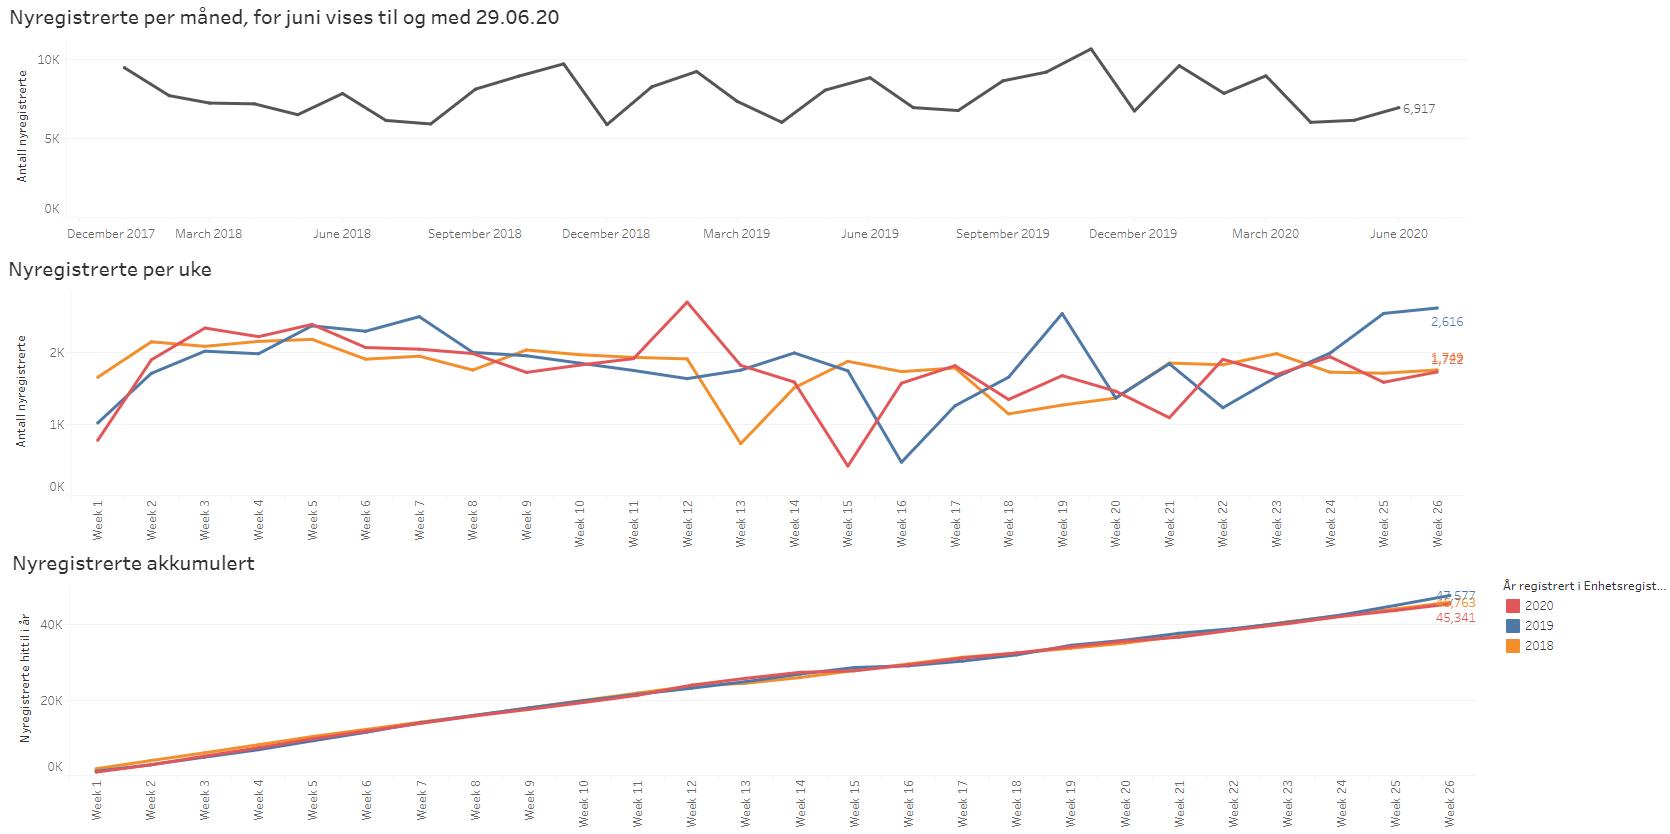 Bilde som viser statistikk over nyregistrerte virksomheter